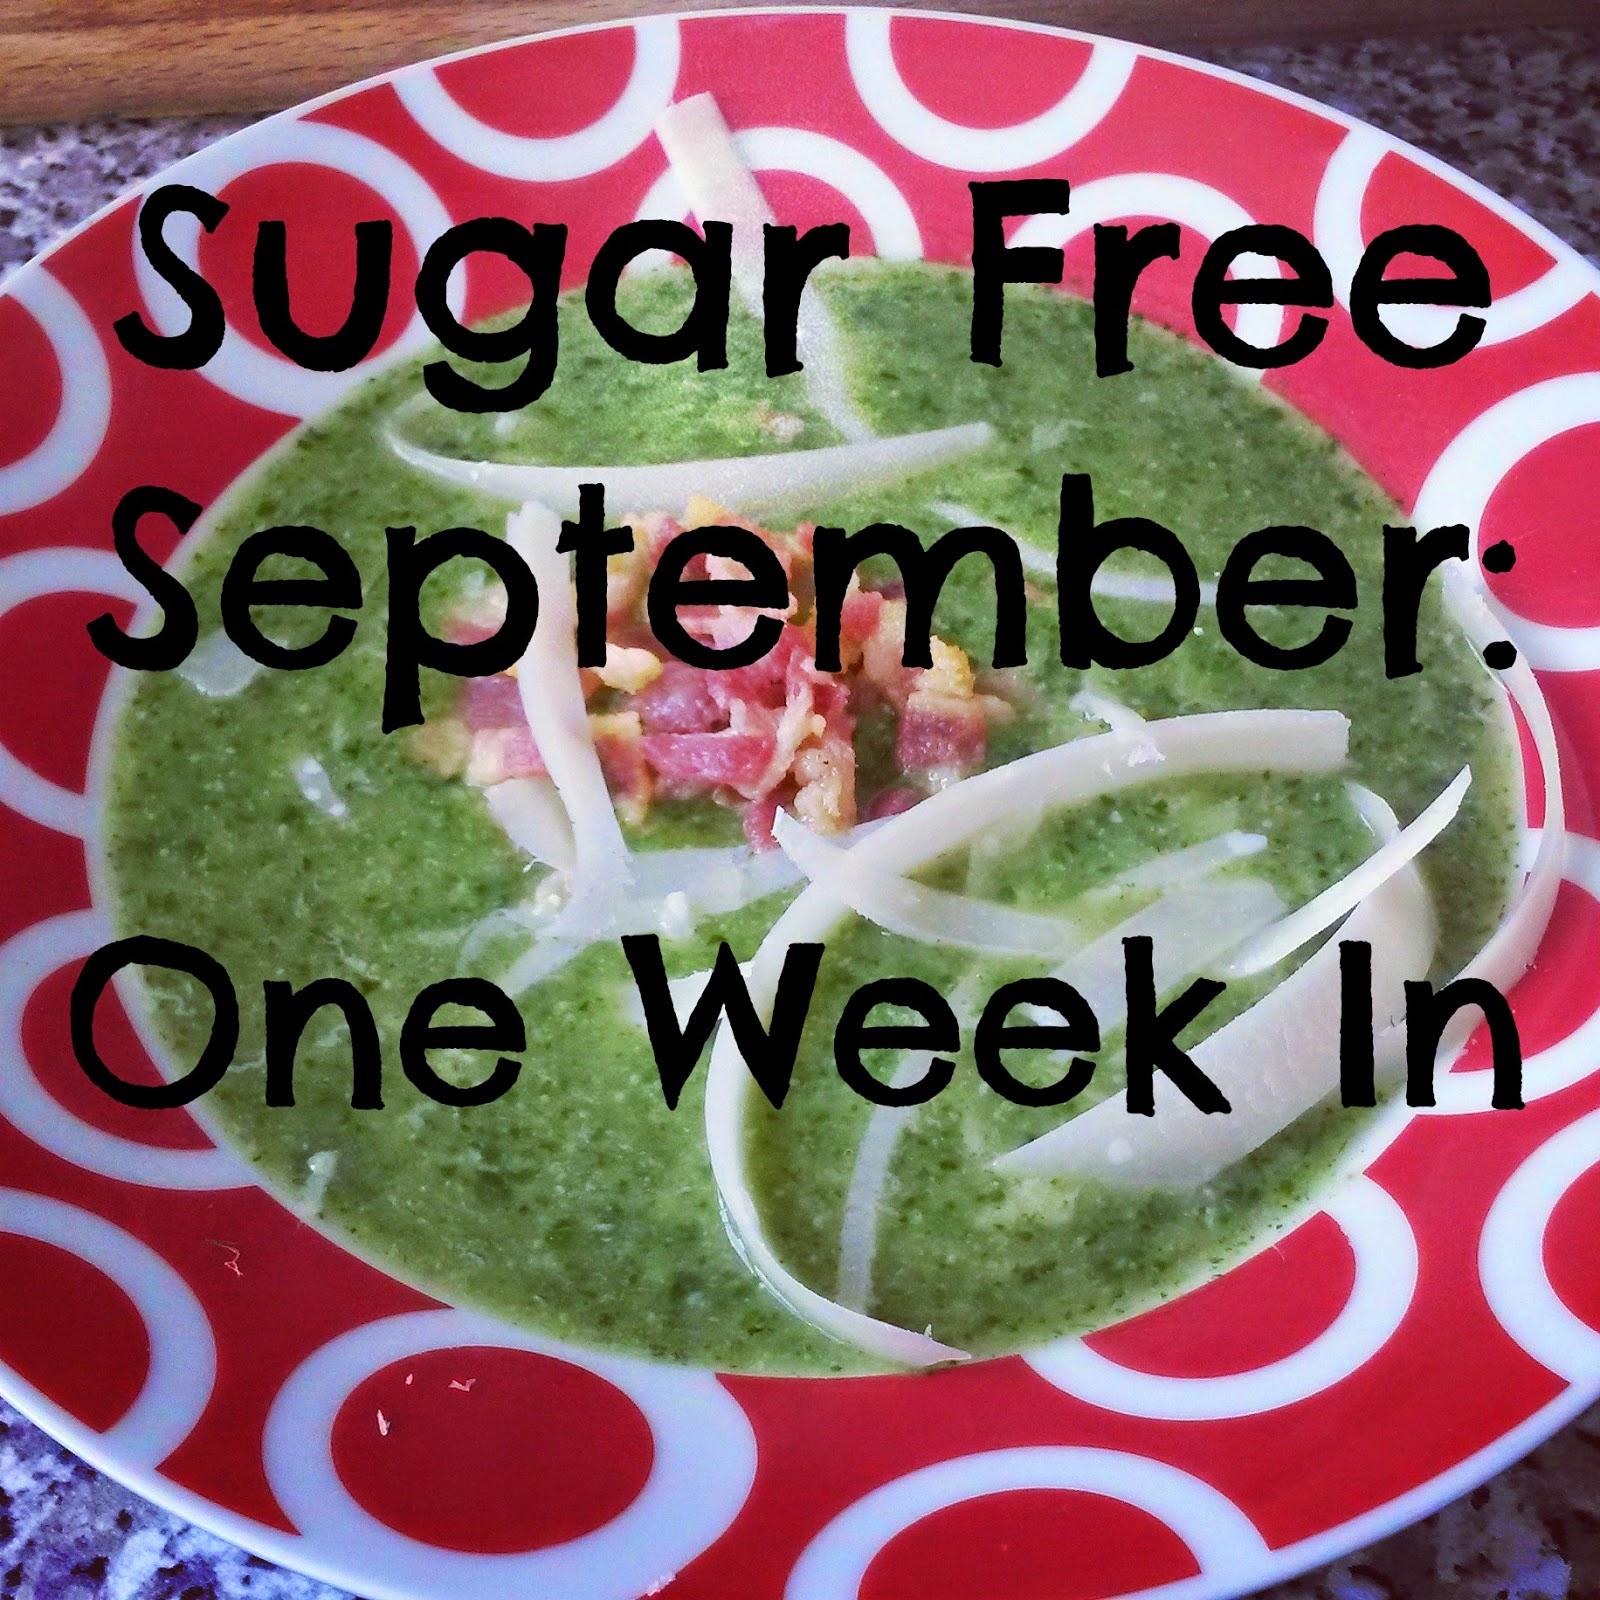 Sugar Free September: One Week In